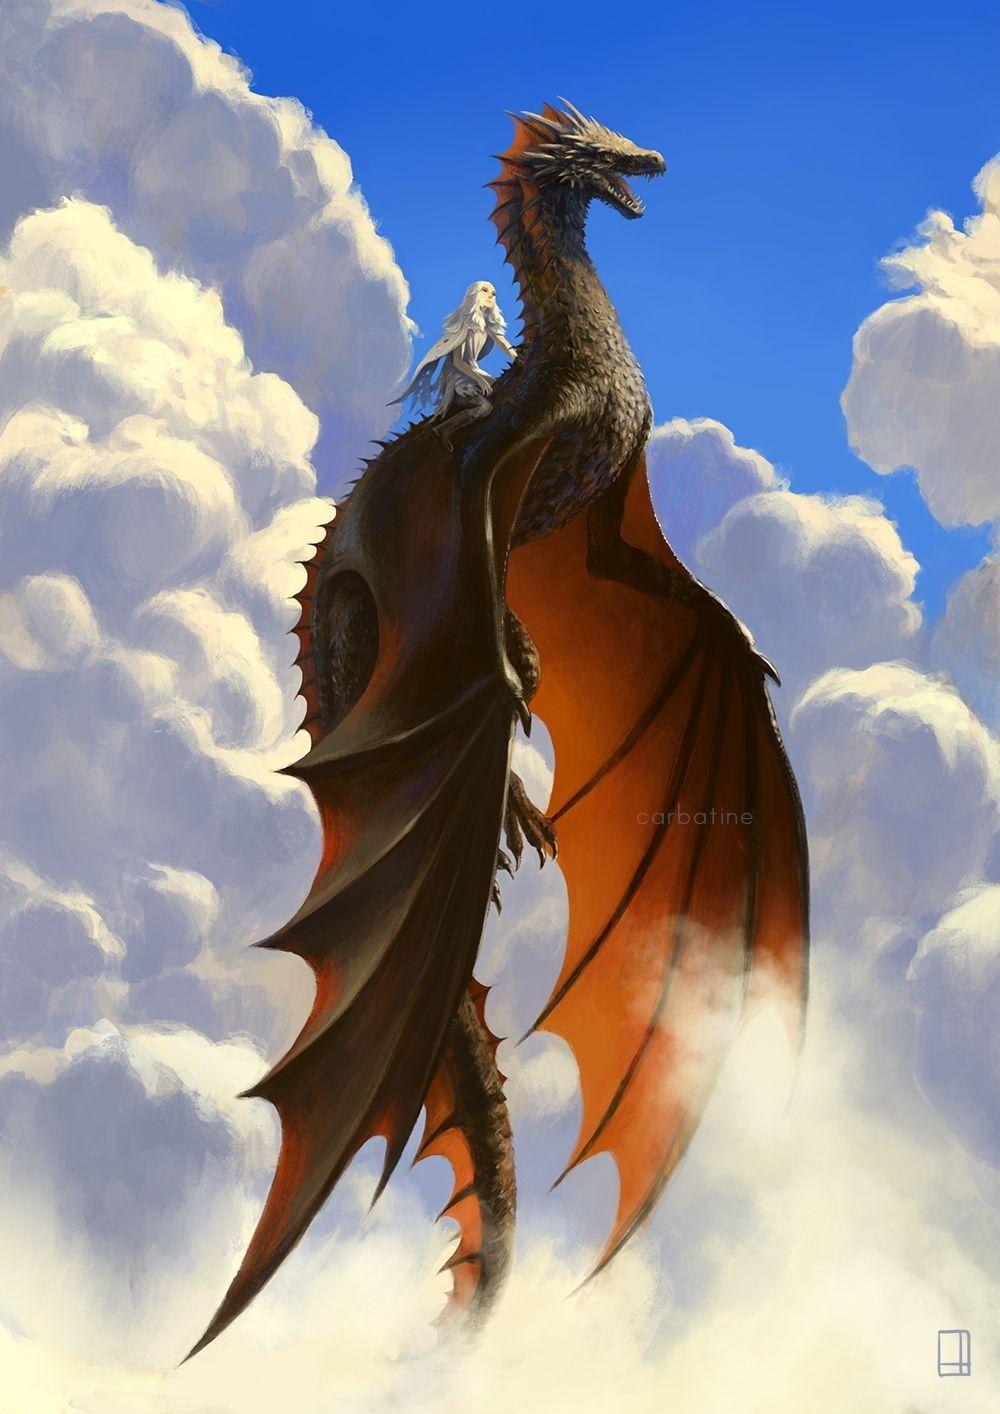 Девушки и драконы - Миры фентези   Dragon girl, Fantasy art ...   1414x1000